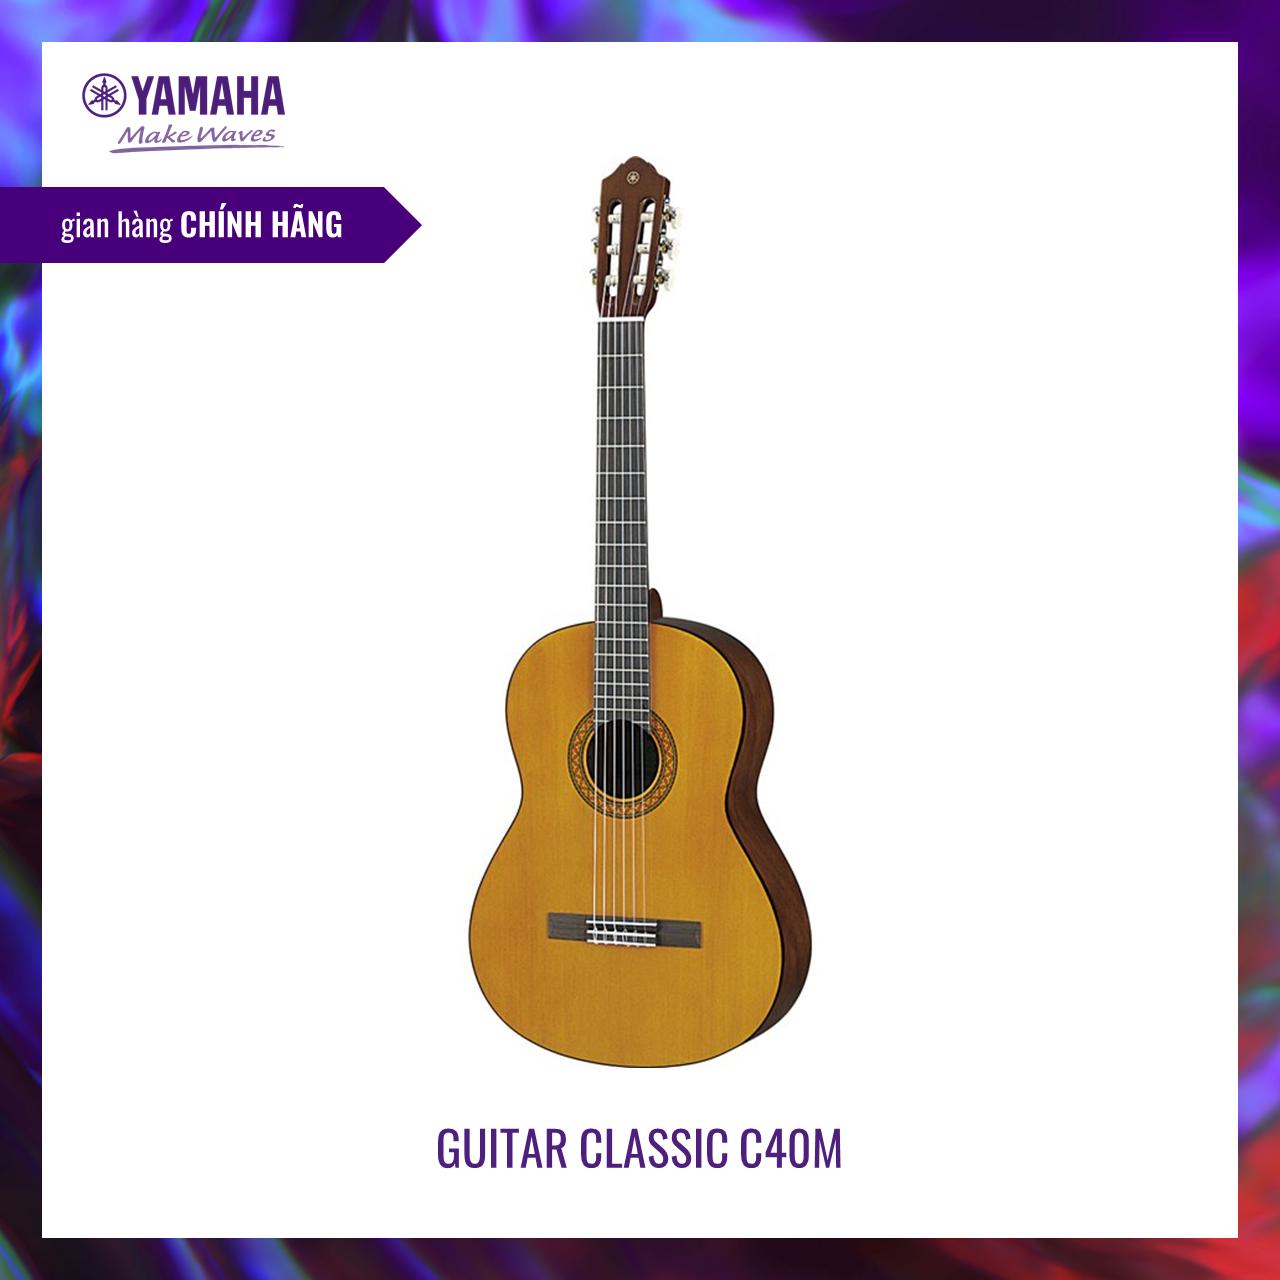 [Trả góp 0%] Đàn Guitar Classic Yamaha C40II – CG shape Spruce Top Back & Side Tonewood Xuất xứ Indonesia – Bảo hành chính hãng 12 tháng